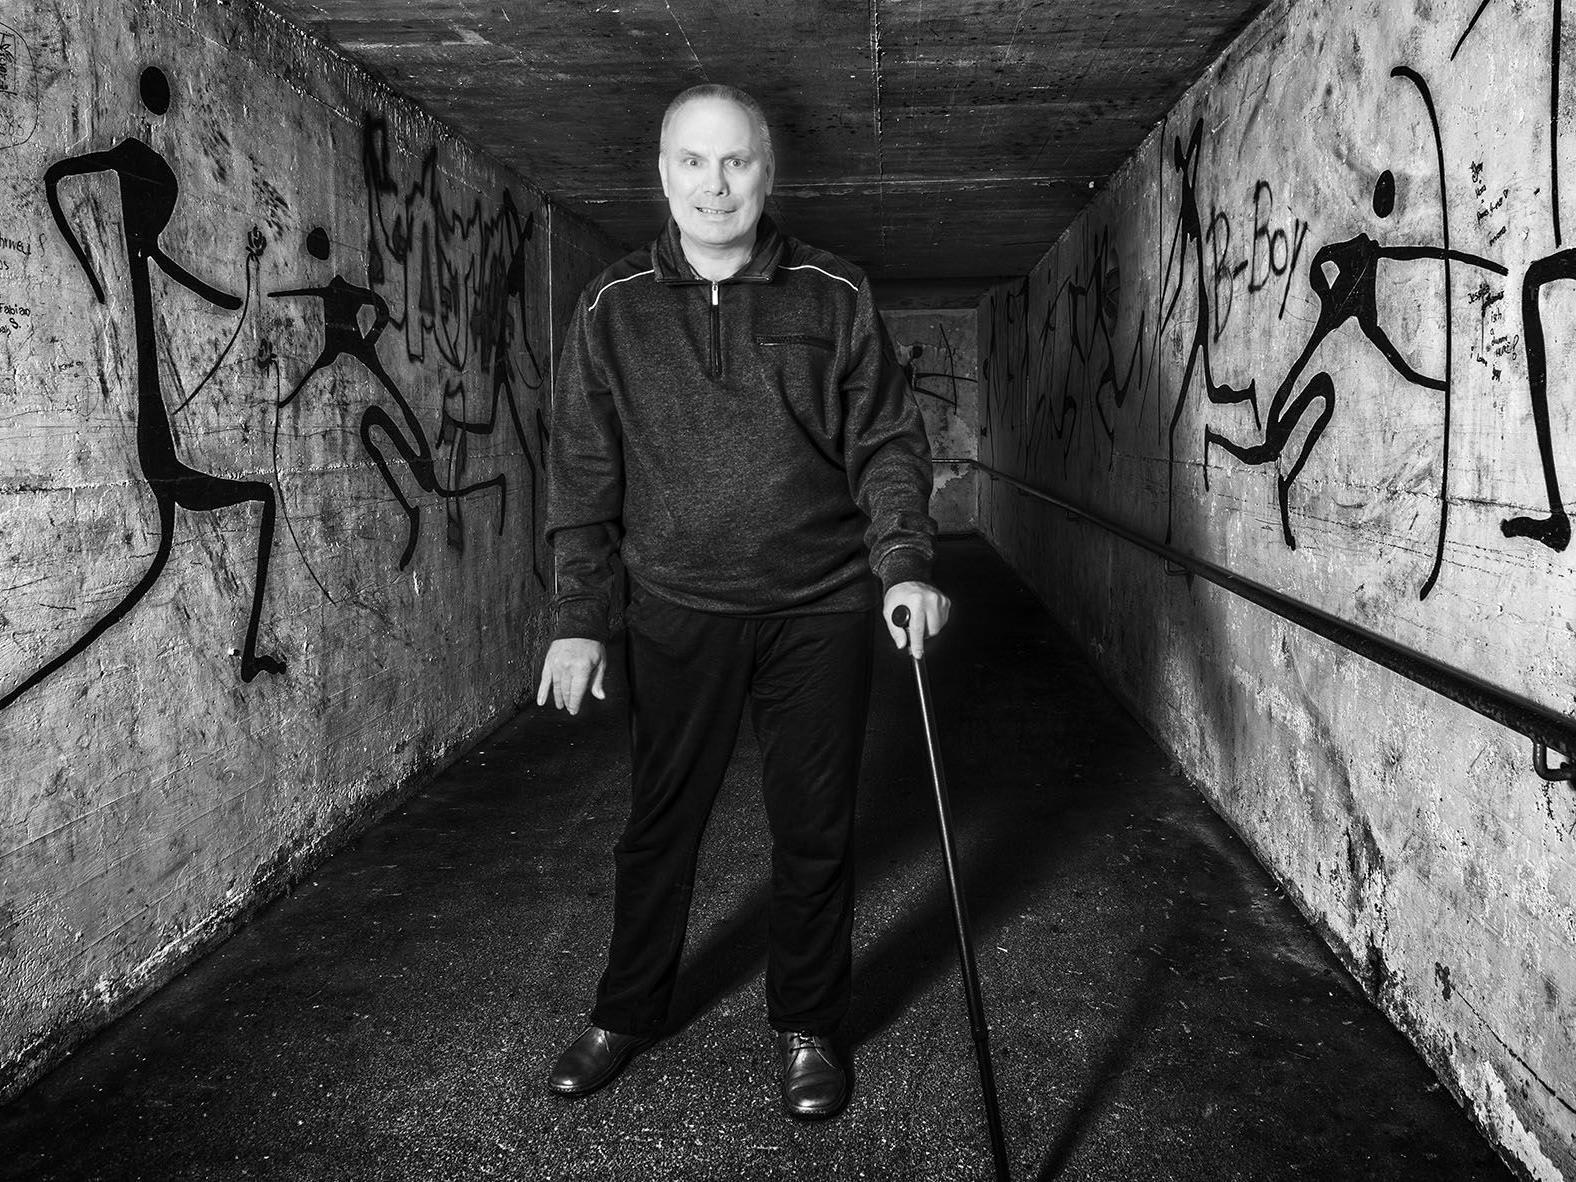 """""""Kurt Gerszi – ein außergewöhnliches Schicksal, das uns aufrüttelt, das uns beweist – es geht"""", schreibt Autor Klaus Feldkircher."""